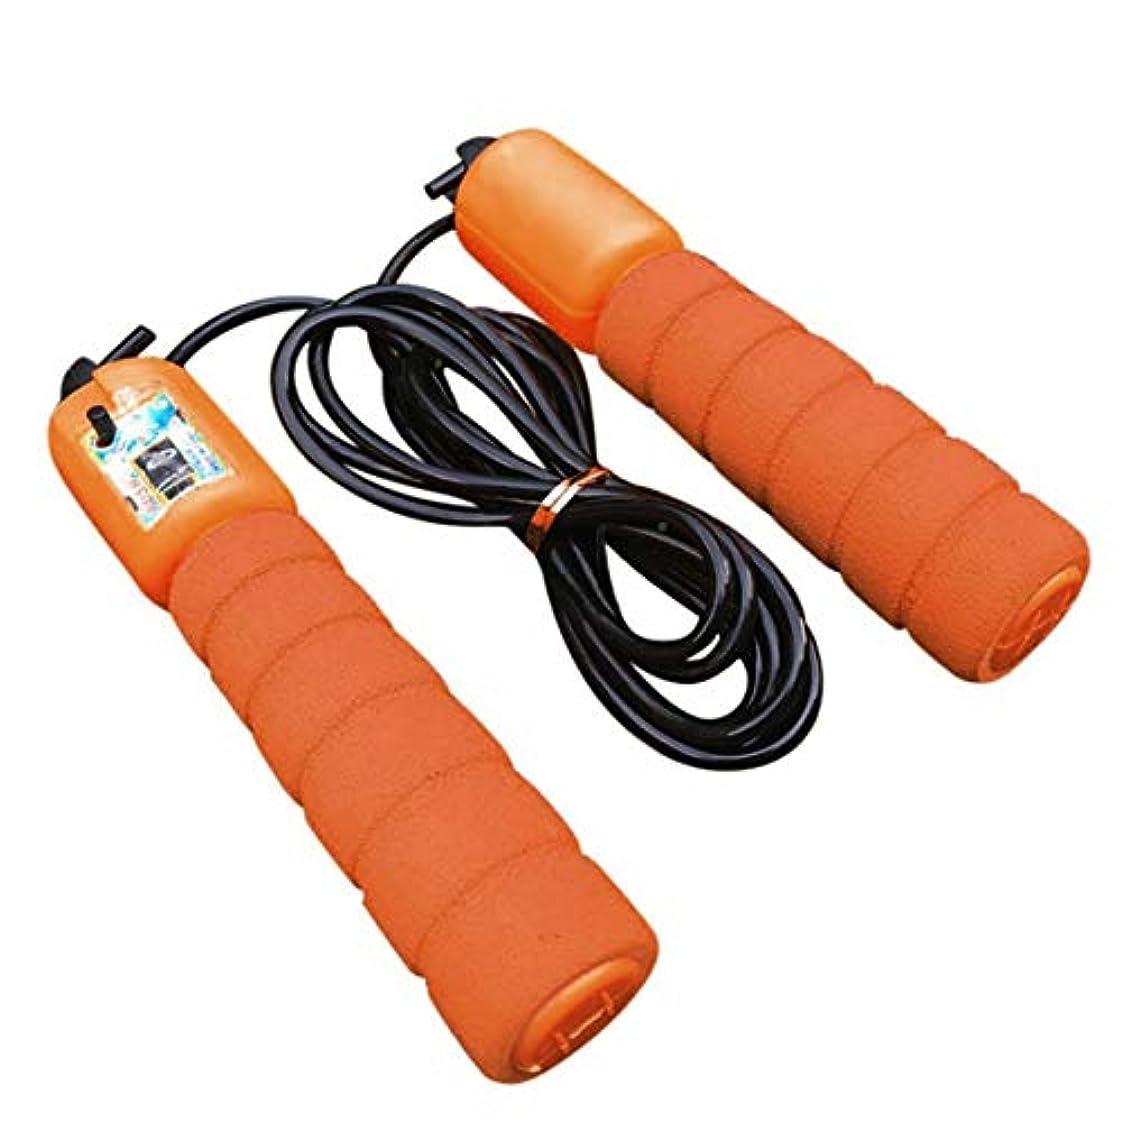 予想するロイヤリティプランテーション調整可能なプロのカウント縄跳び自動カウントジャンプロープフィットネス運動高速カウントジャンプロープ - オレンジ